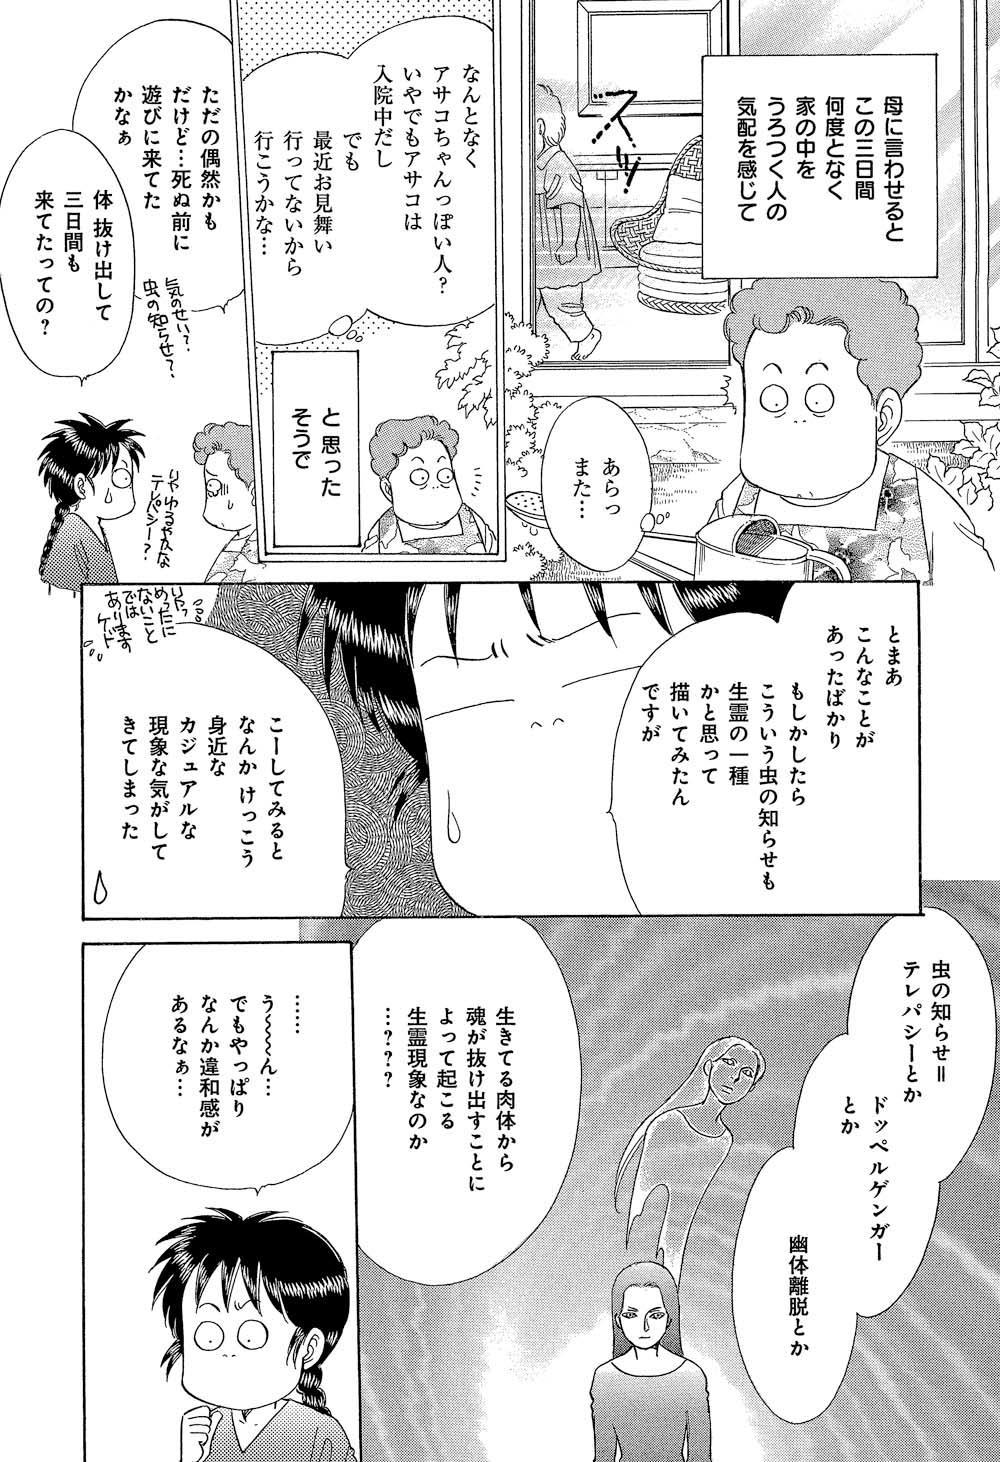 オカルト万華鏡01_083.jpg